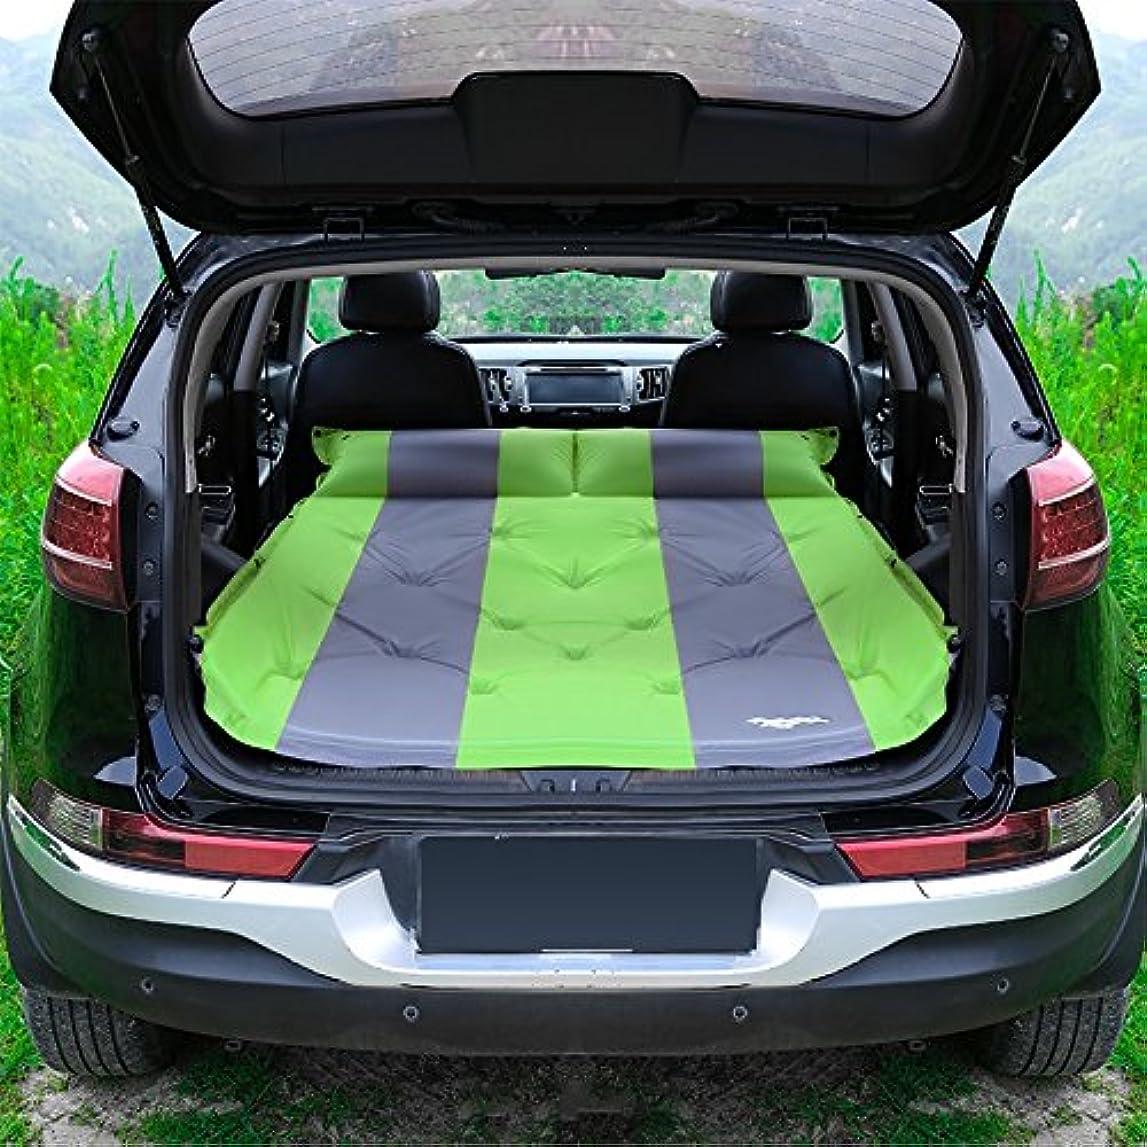 チャレンジ広大なメトロポリタンGYP 屋外UVユニバーサルポータブル自動インフレータ車のベッドインフレータブルベッドエアベッド車のベッド車の衝撃ベッド寝袋 ( 色 : 緑 )